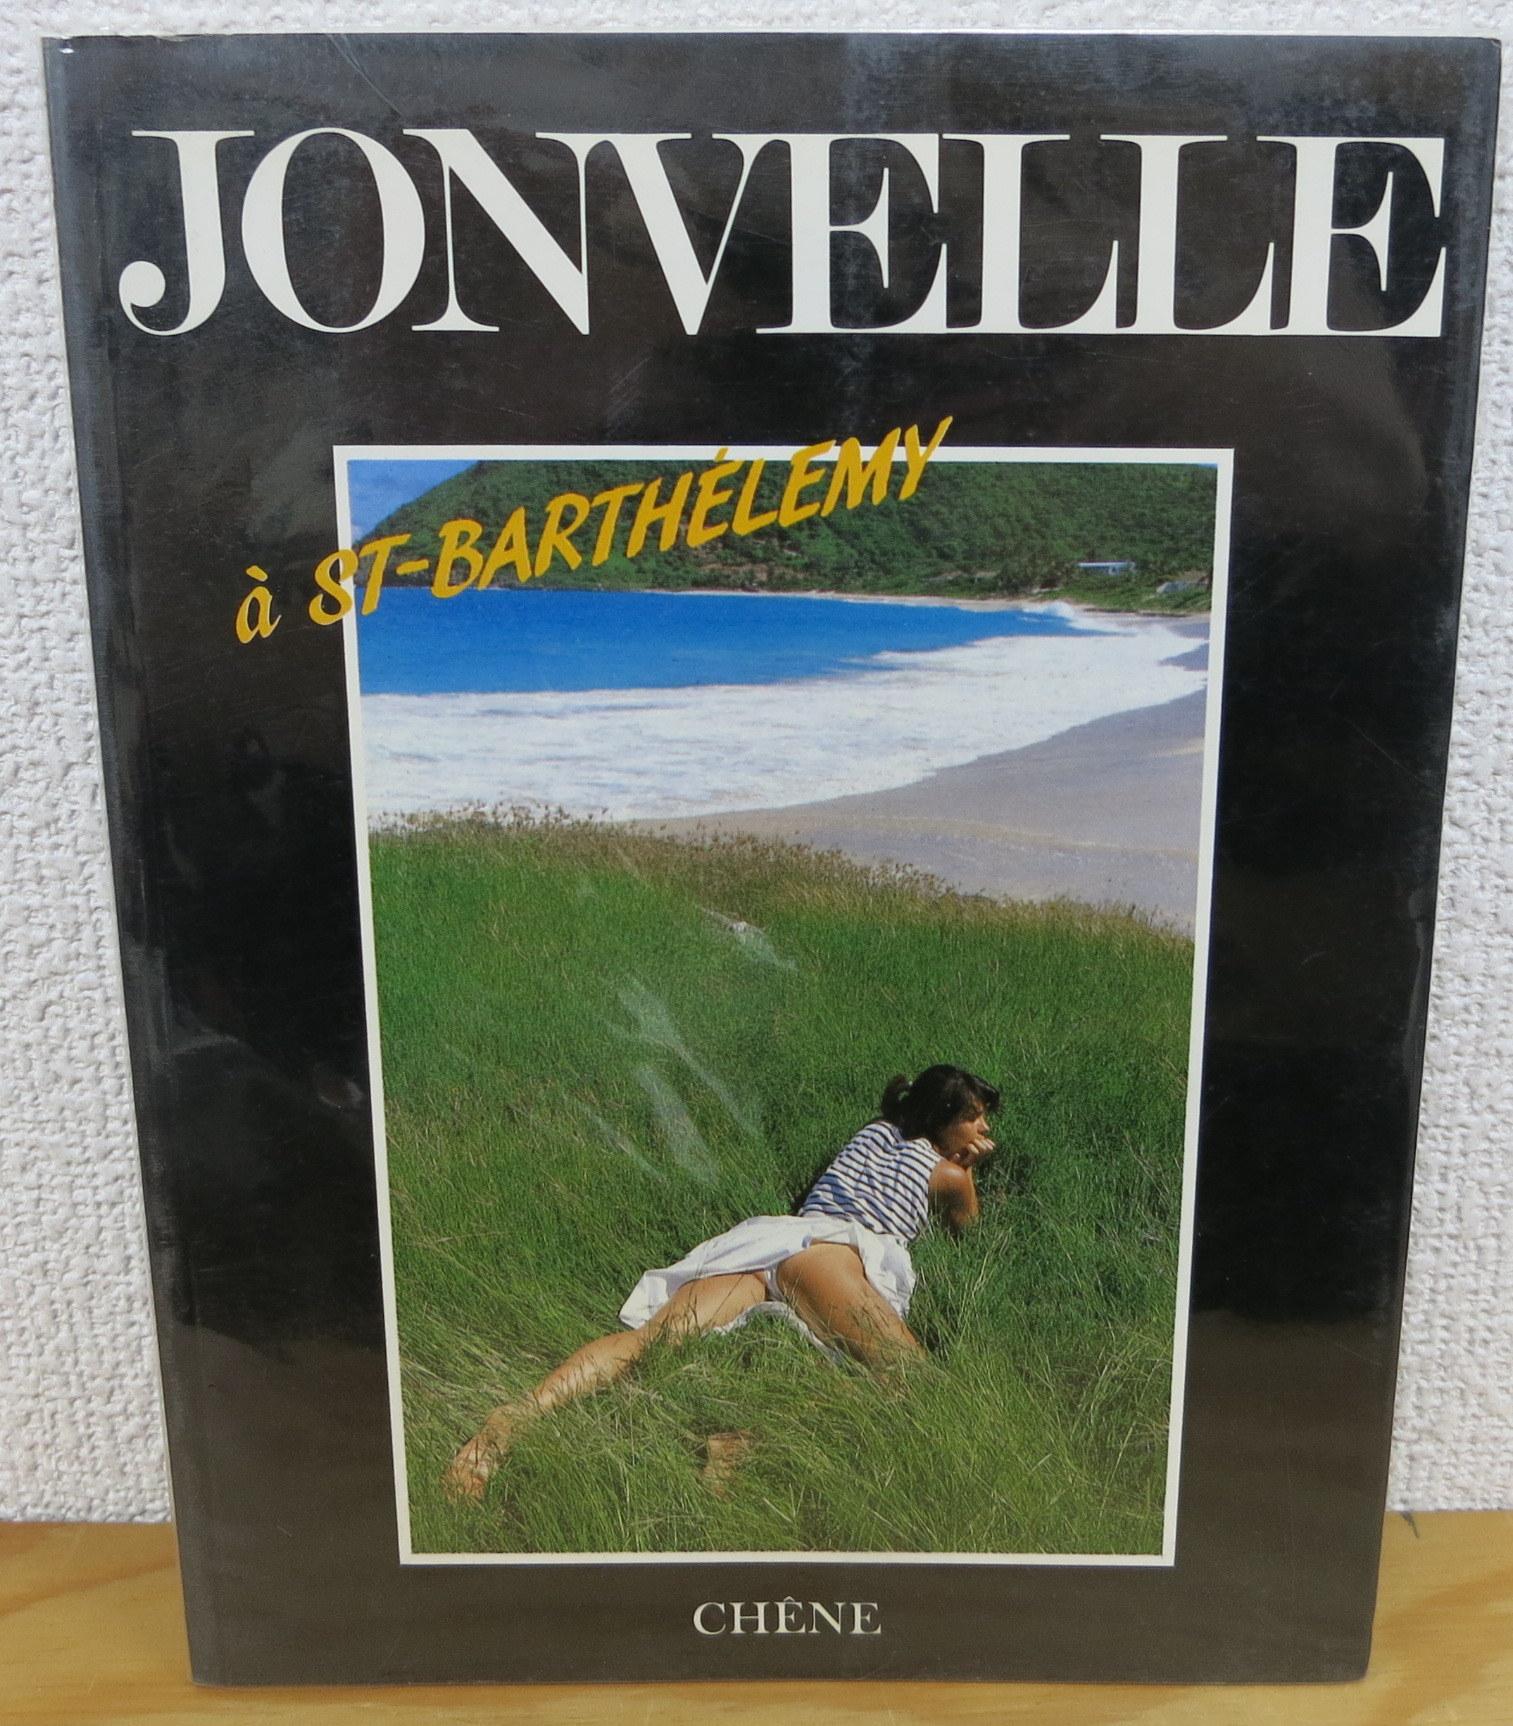 Jonvelle a St-Barthelemy by Jean Francois Jonvelle